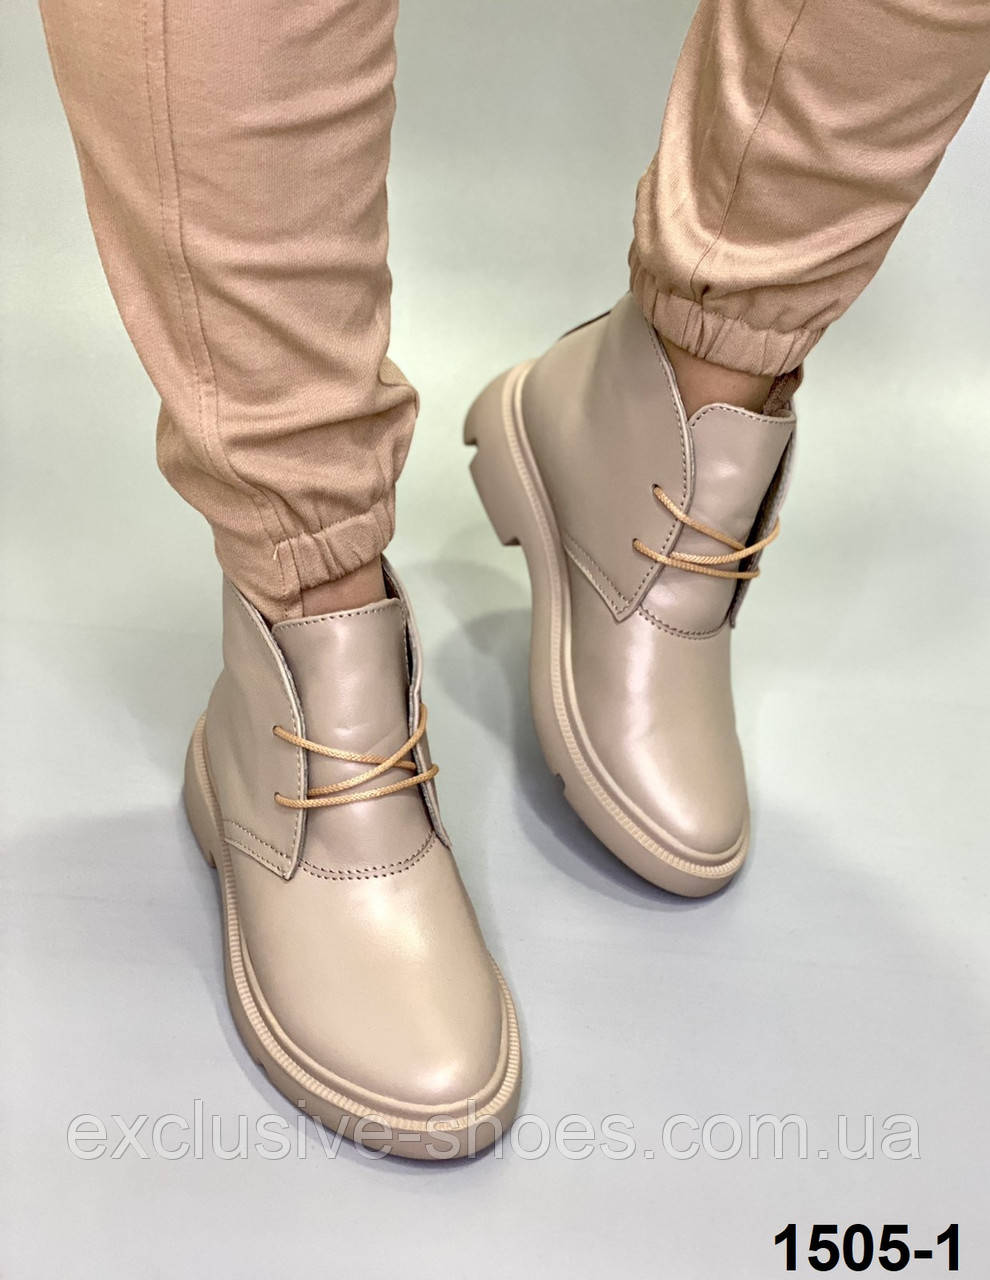 Ботинки женские демисезонные кожаные чкапучино классические на шнуровке